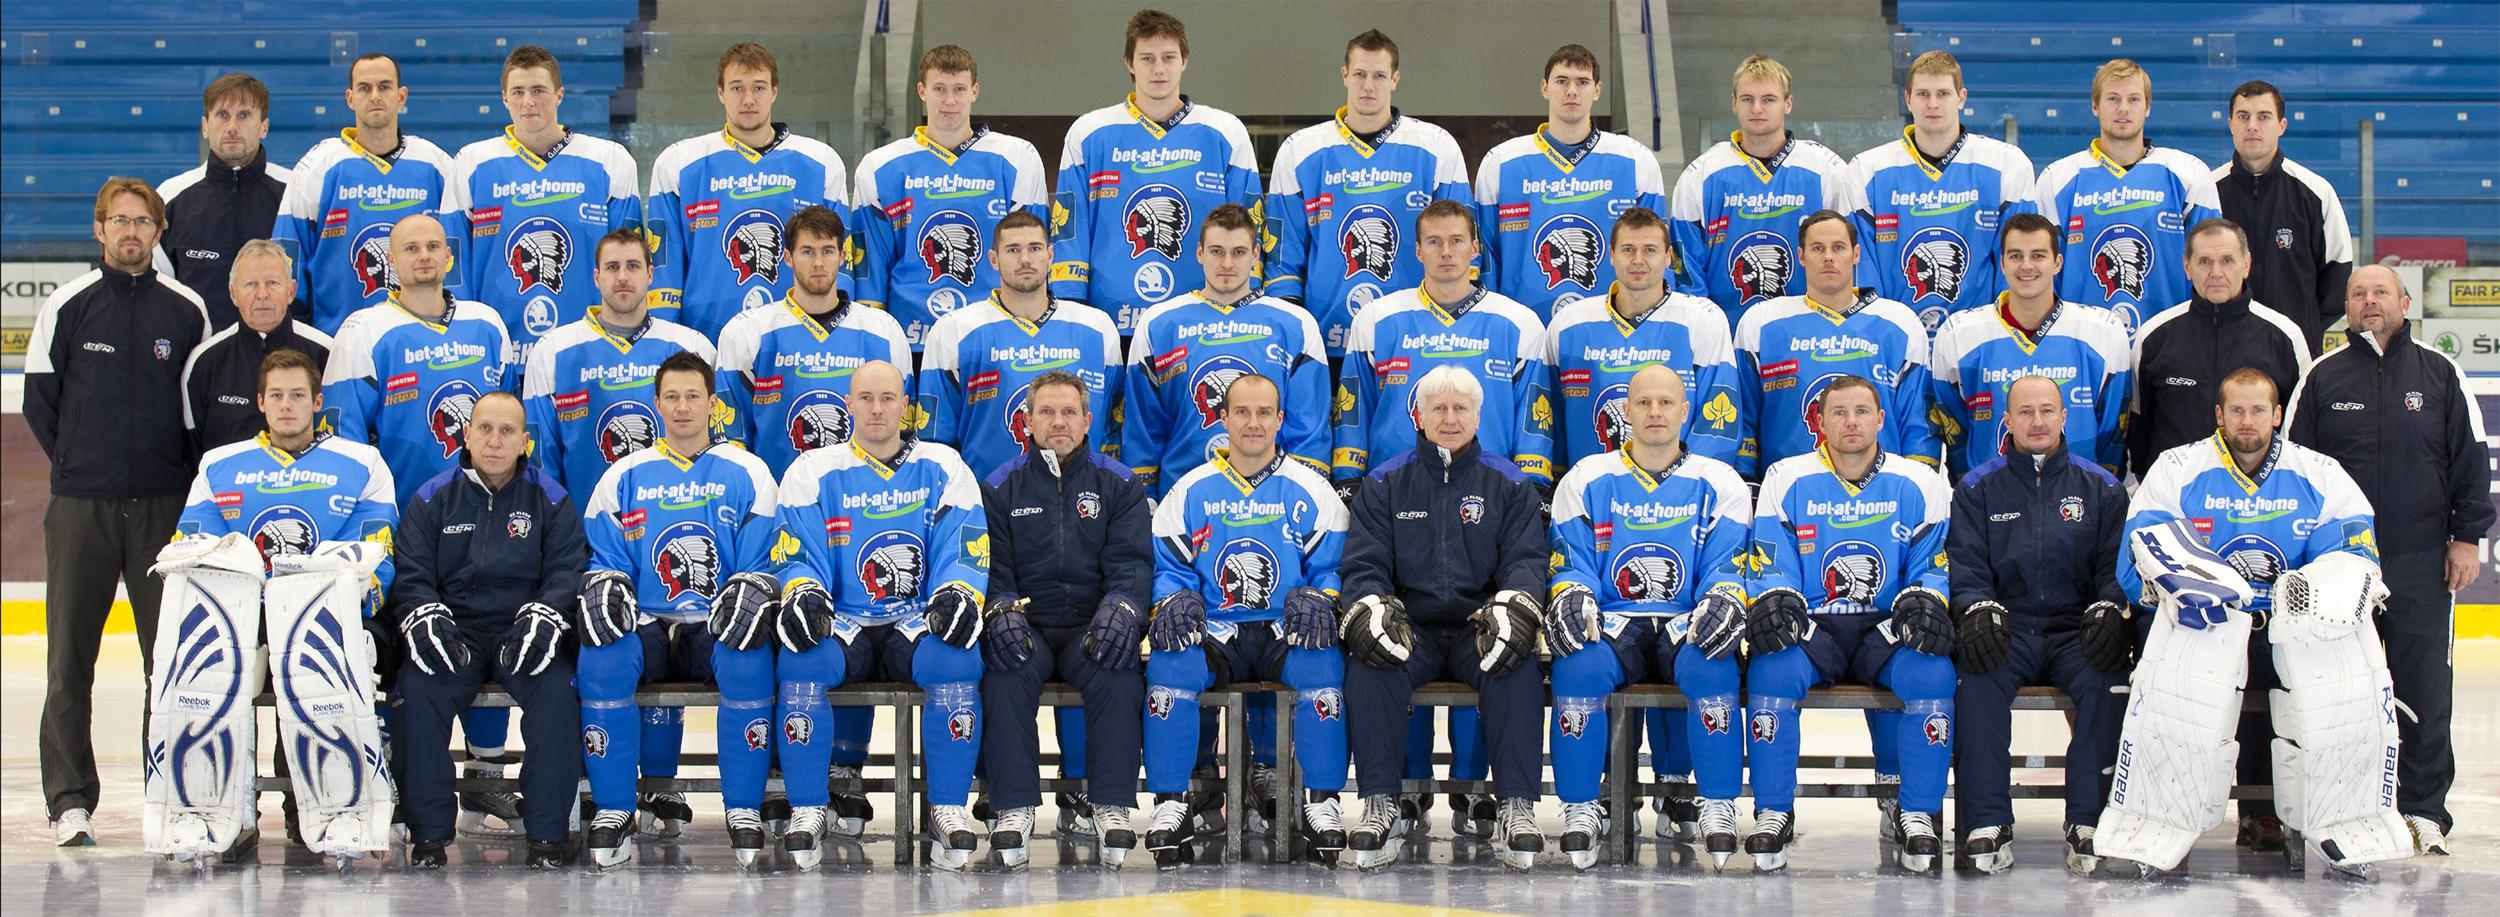 Společné foto 2010/11